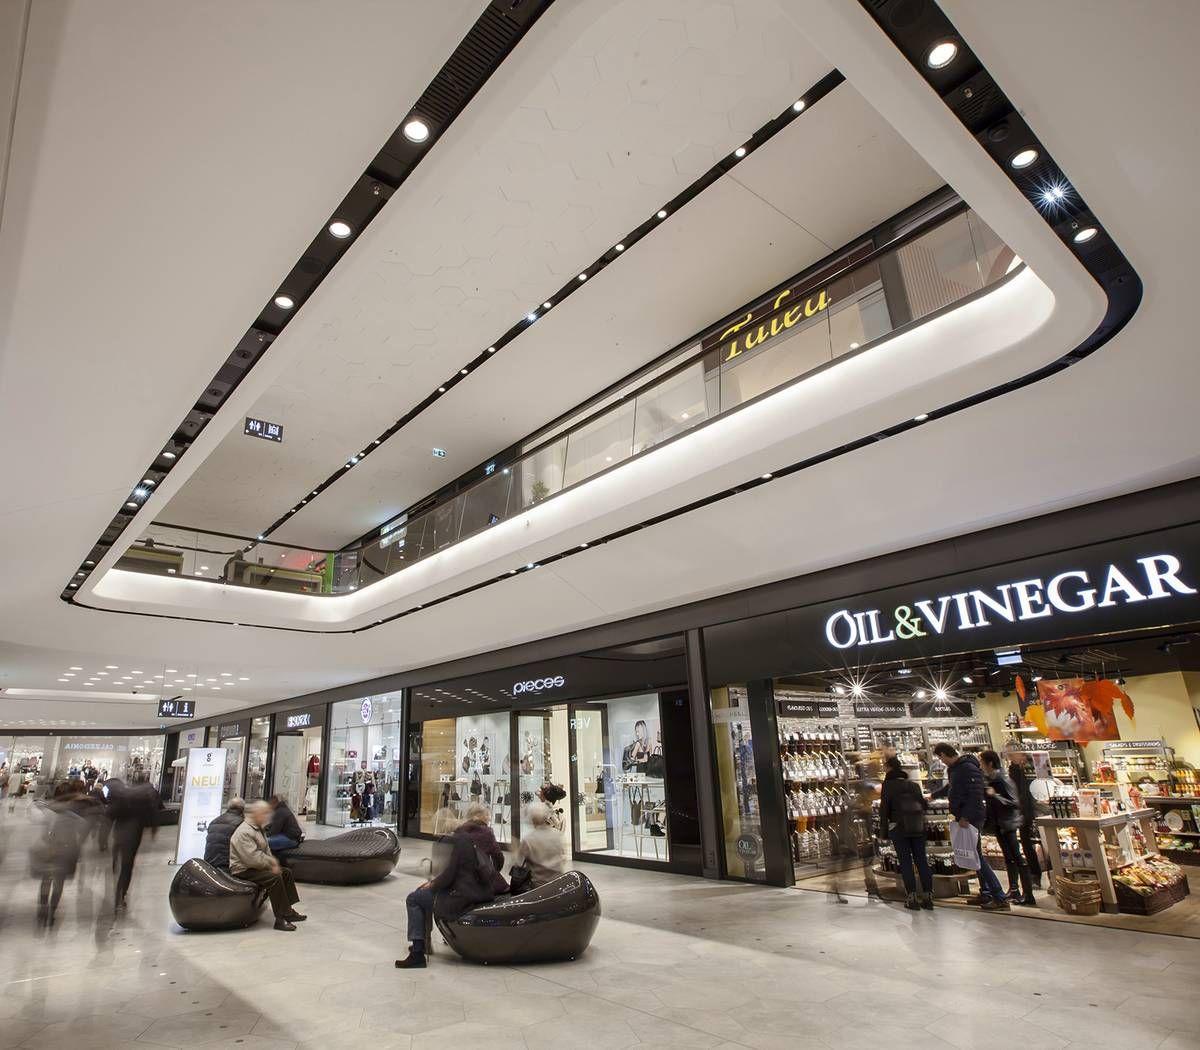 das gerber hatec gesellschaft f r lichttechnik mbh shopping malls einkaufzentren. Black Bedroom Furniture Sets. Home Design Ideas